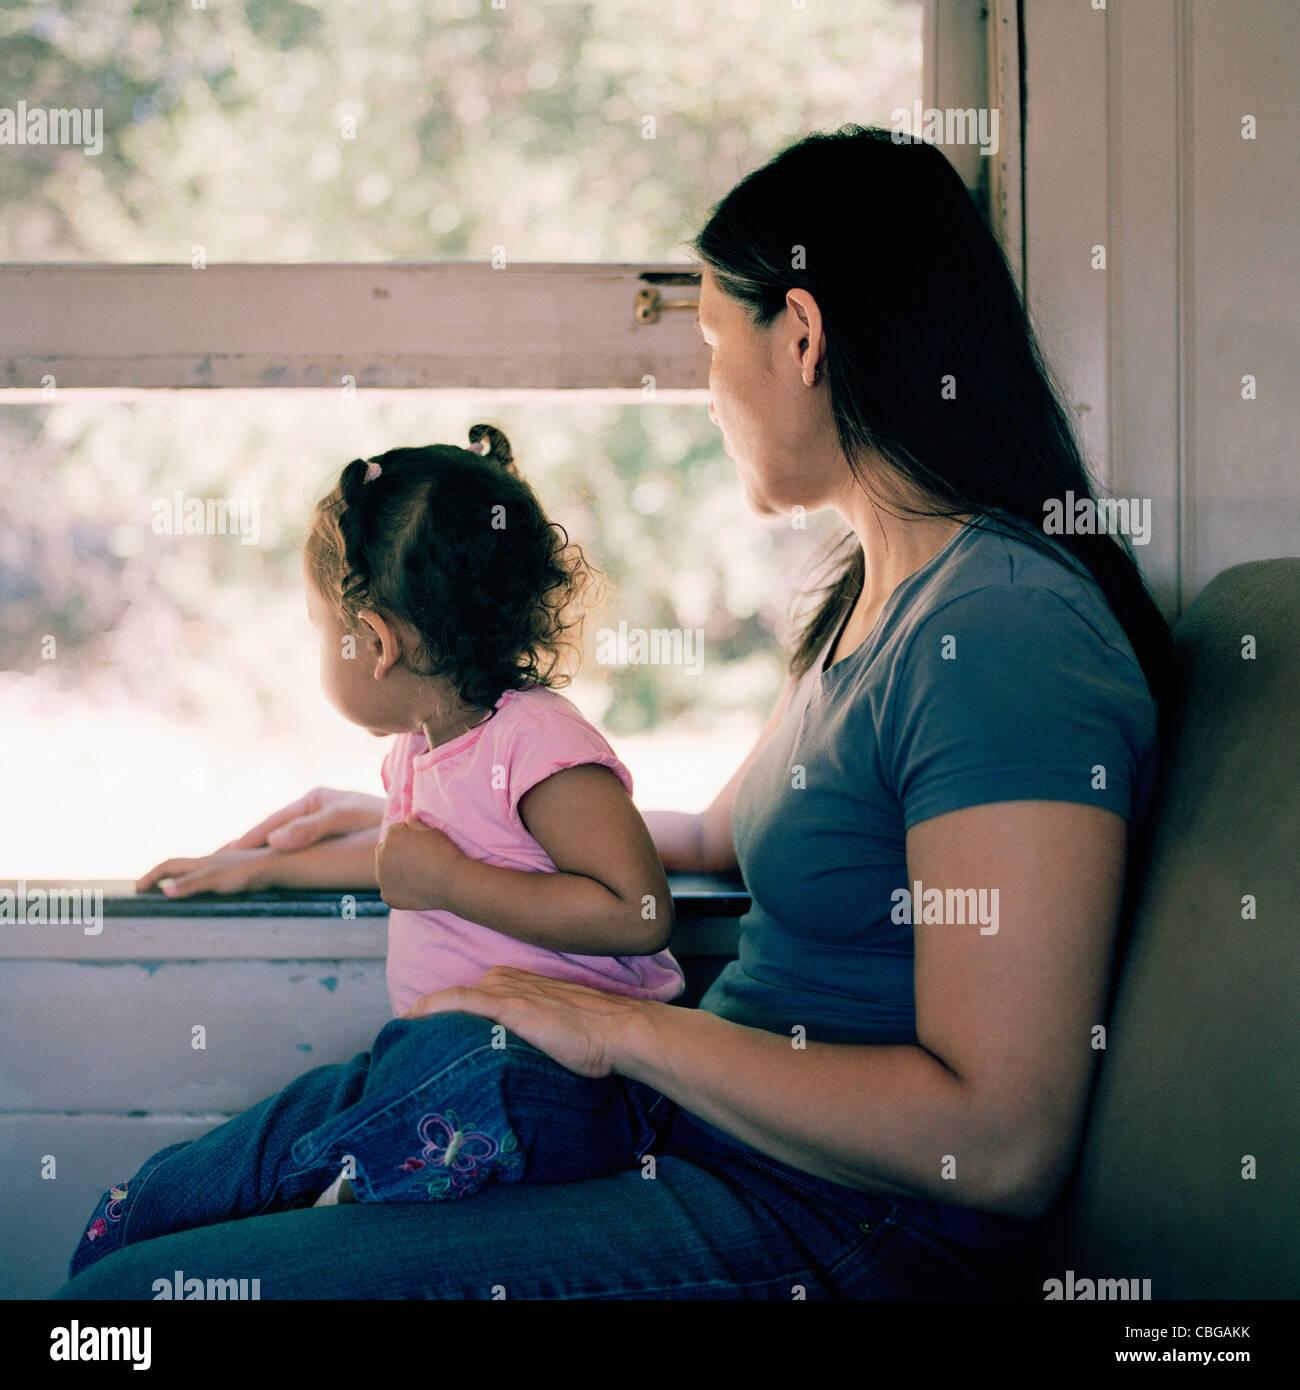 Una madre e figlia su un treno, guardando attraverso la finestra Immagini Stock